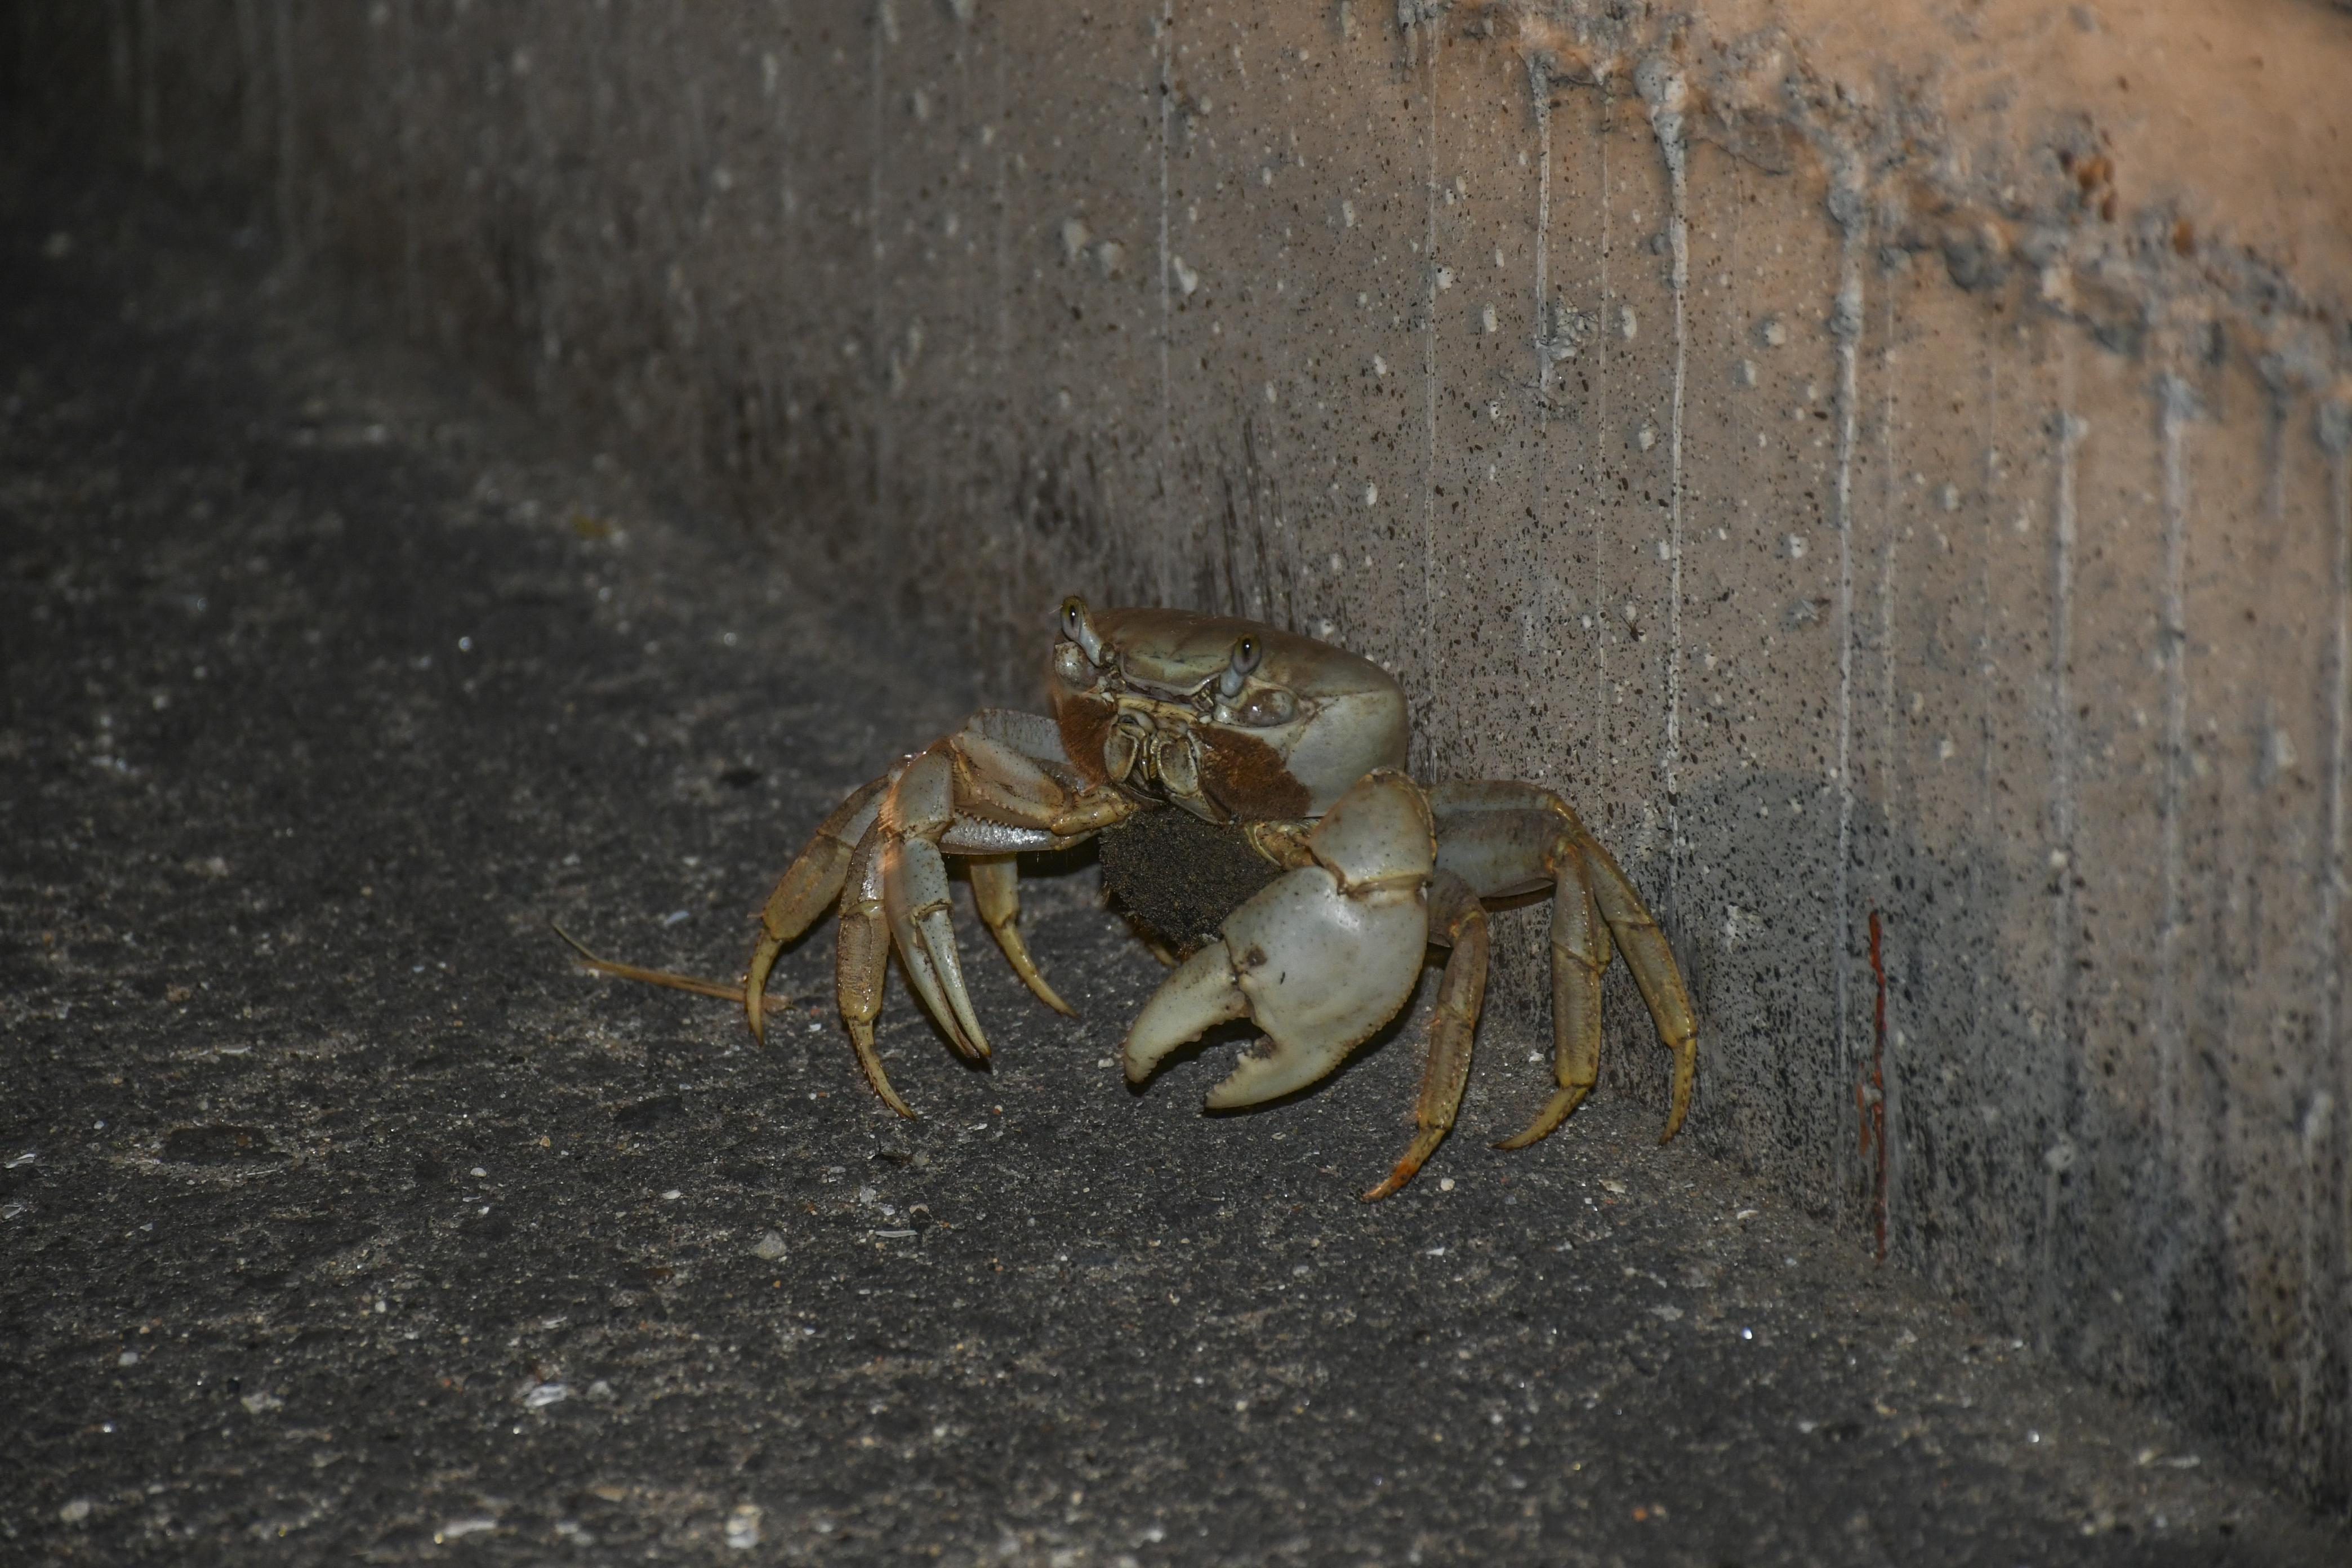 Un cangrejo atrapado en el separador vial.